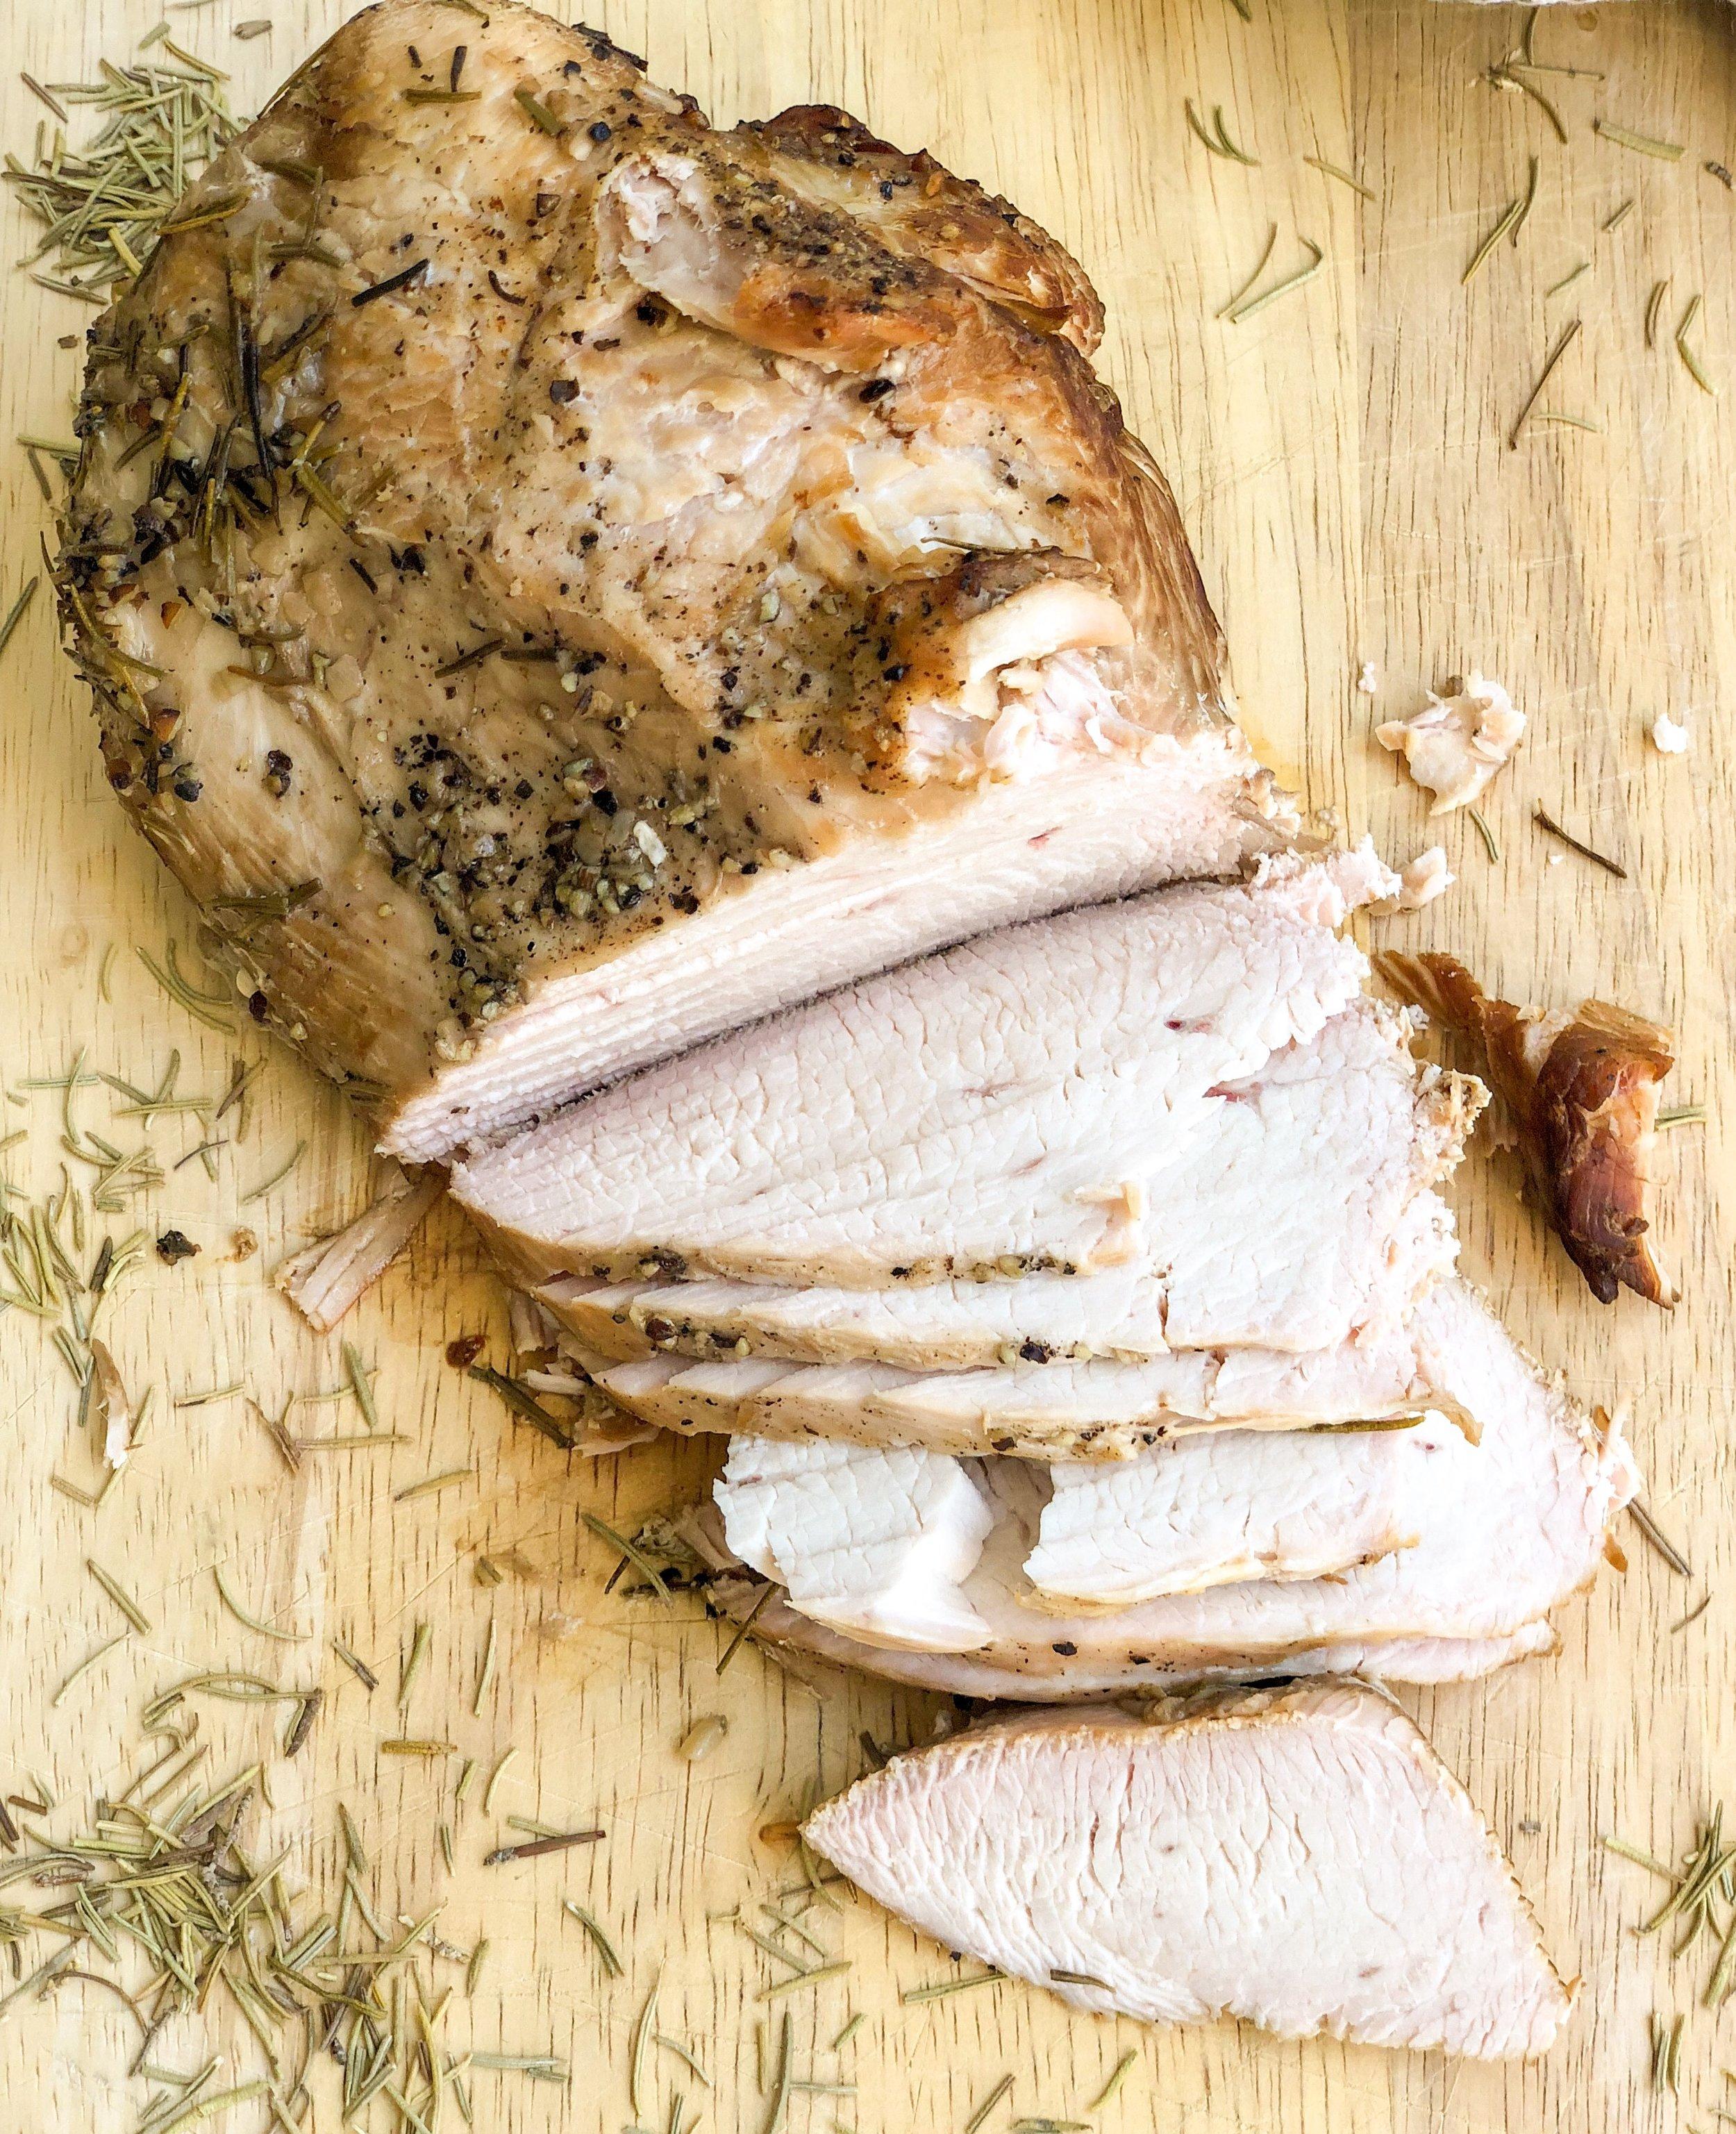 brined roasted turkey breast.jpg